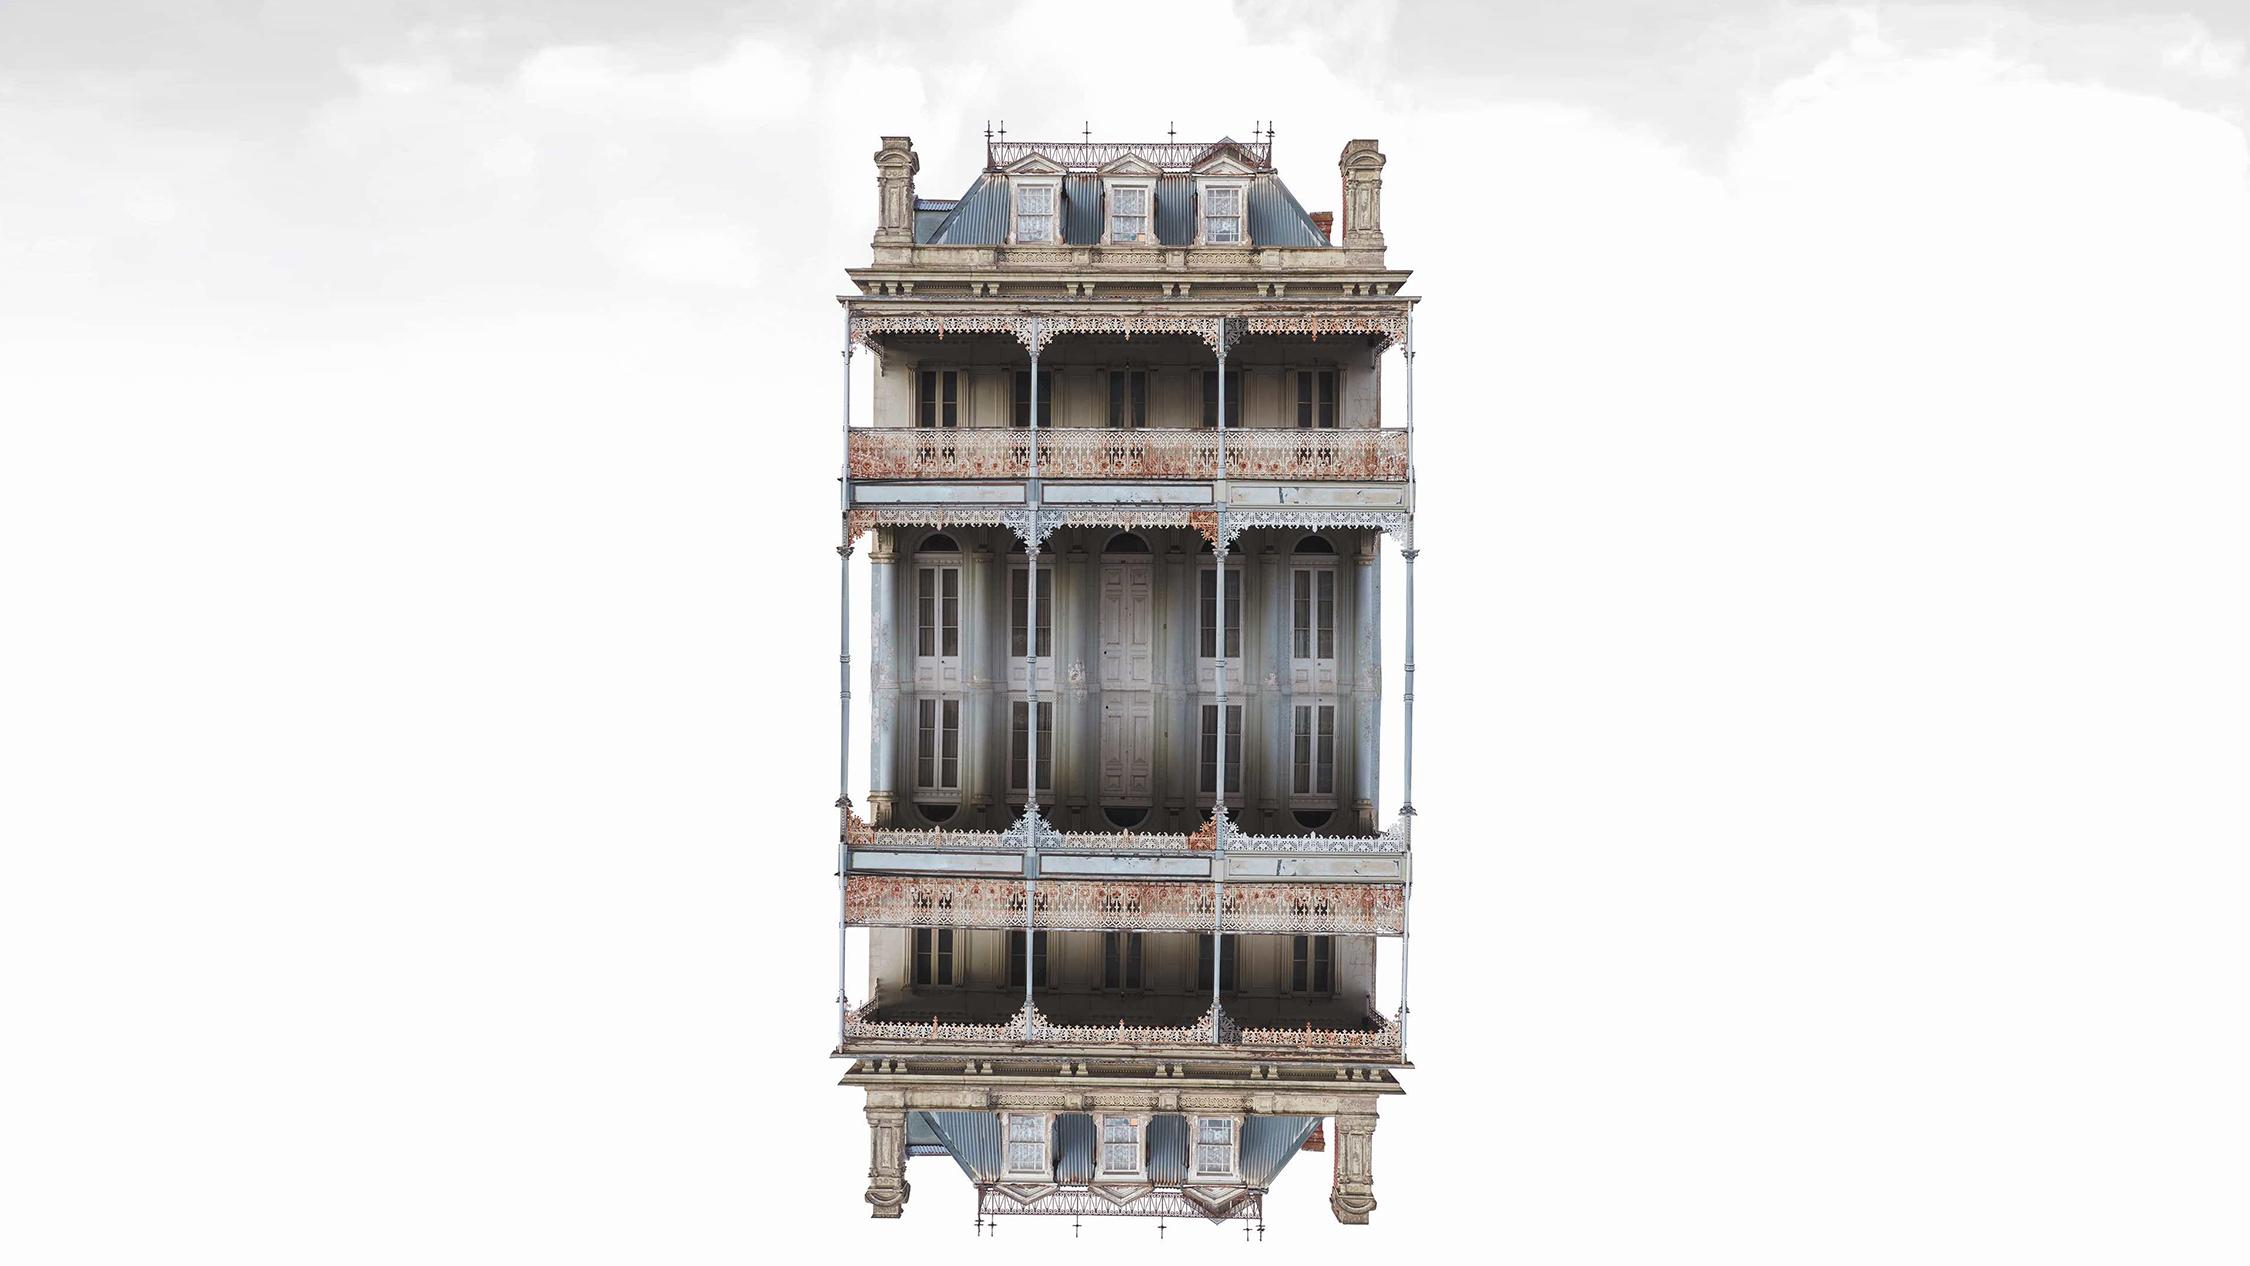 Cloudstreet Malthouse 2018